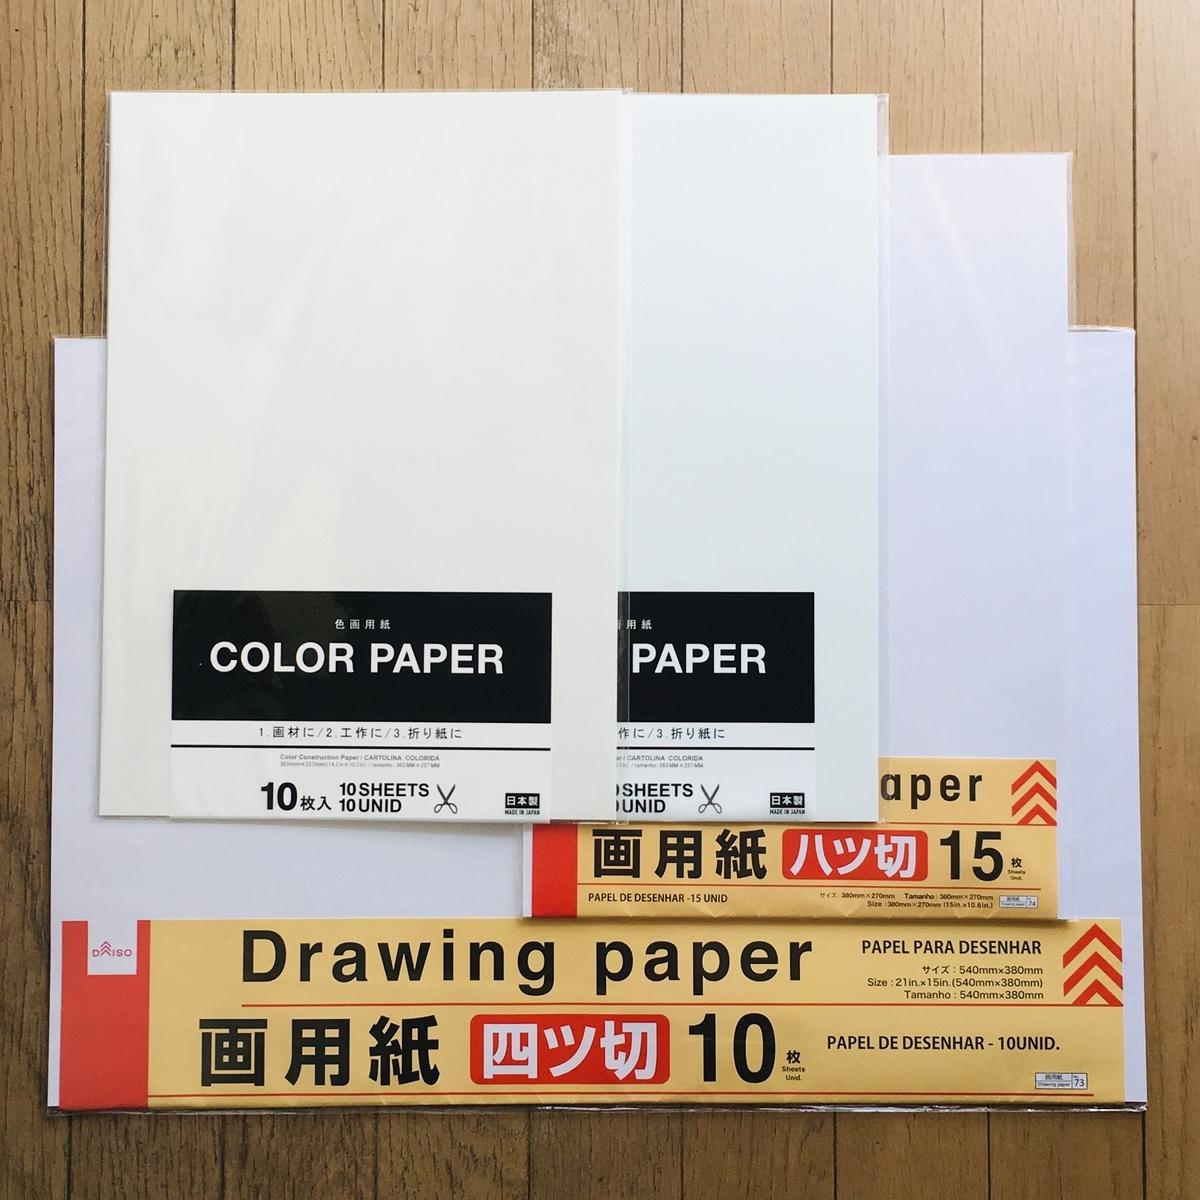 ミモモスティがダイソーで購入した白い色の紙四種